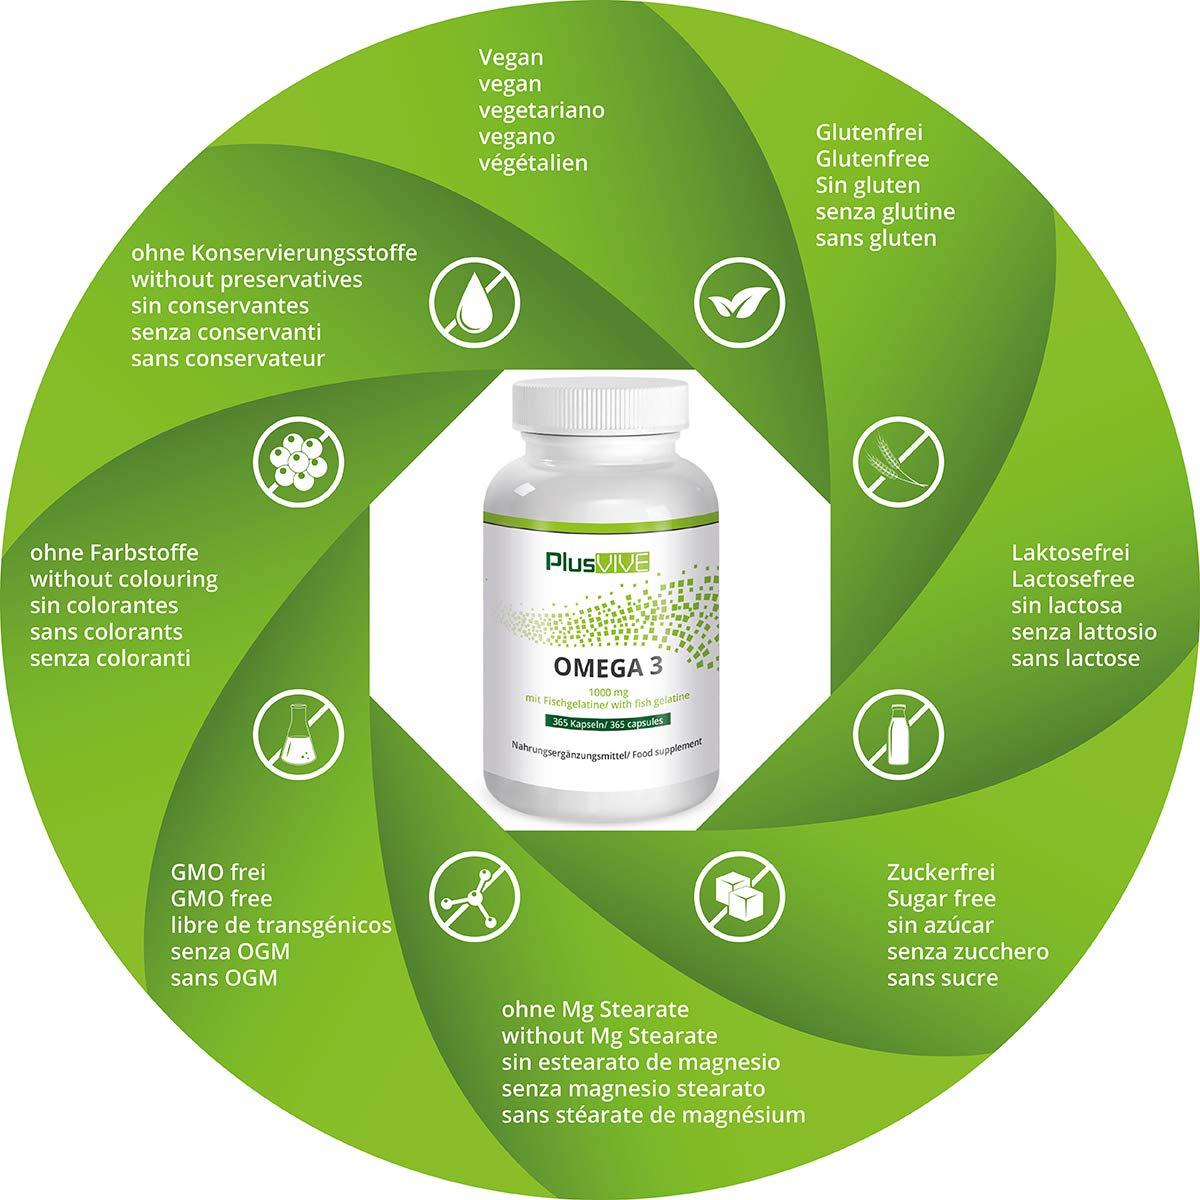 Plusvive - 365 cápsulas de omega 3 con recubrimiento de gelatina ...